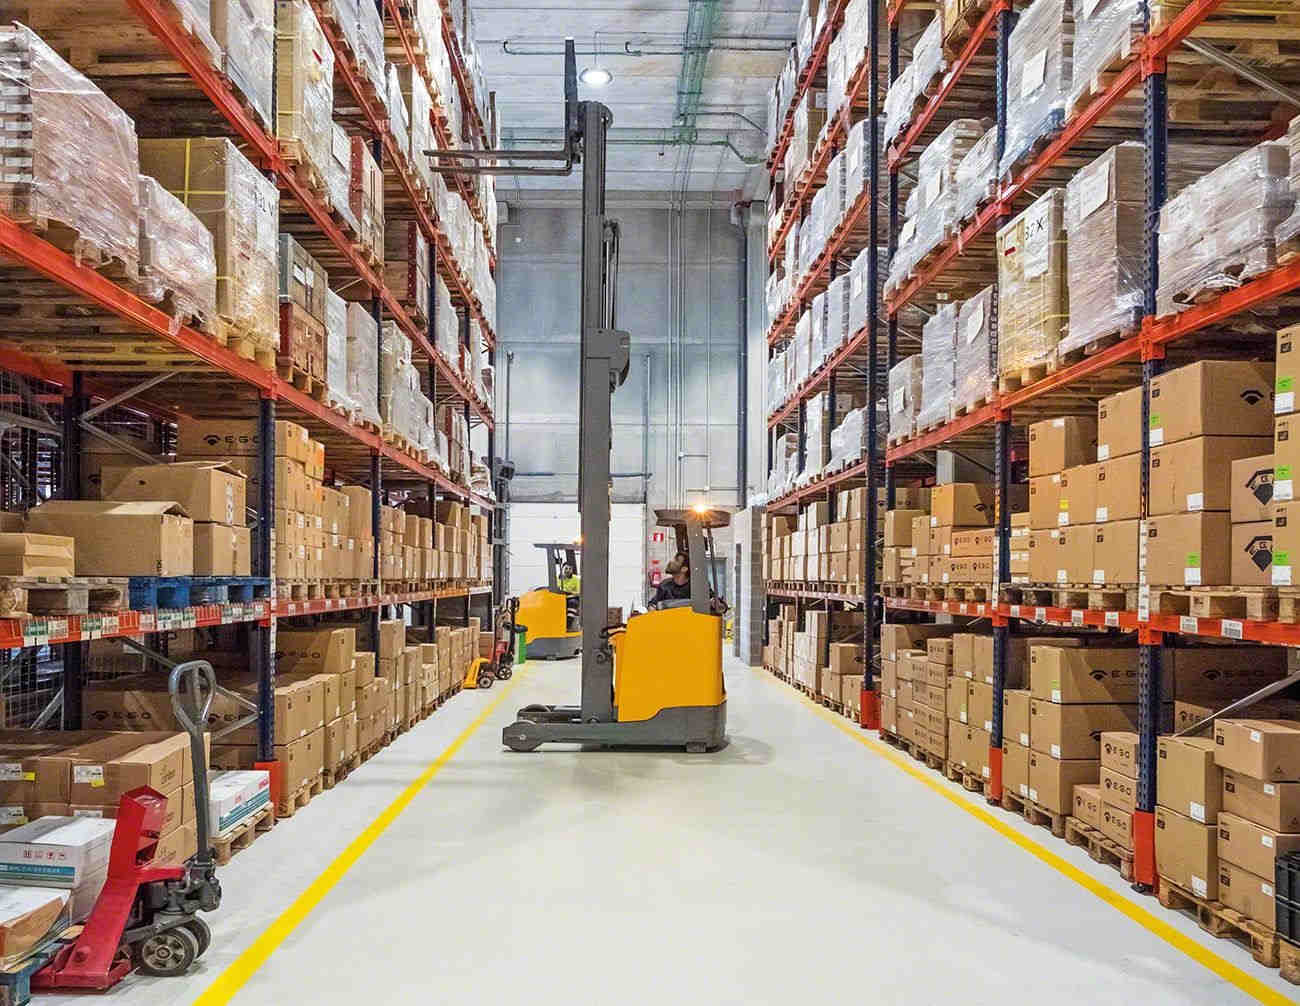 Mercadorias armazenadas em estantes